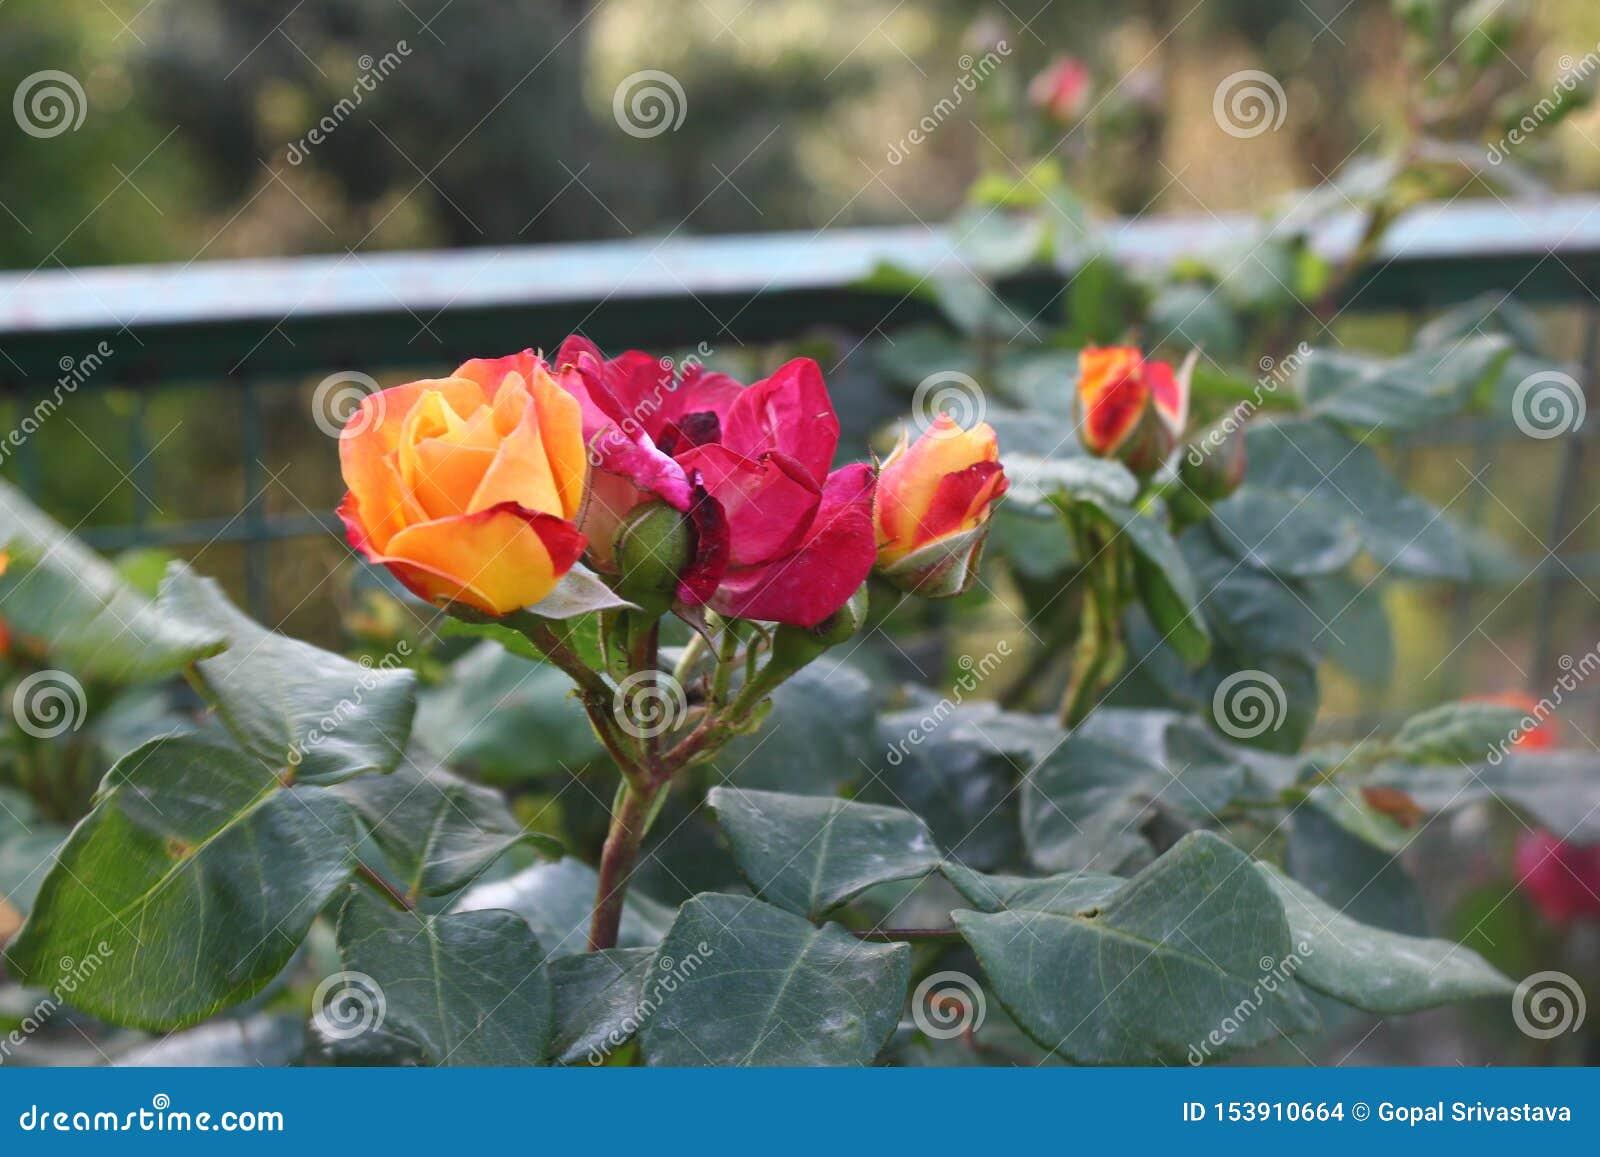 迷惑的五颜六色的花和芽